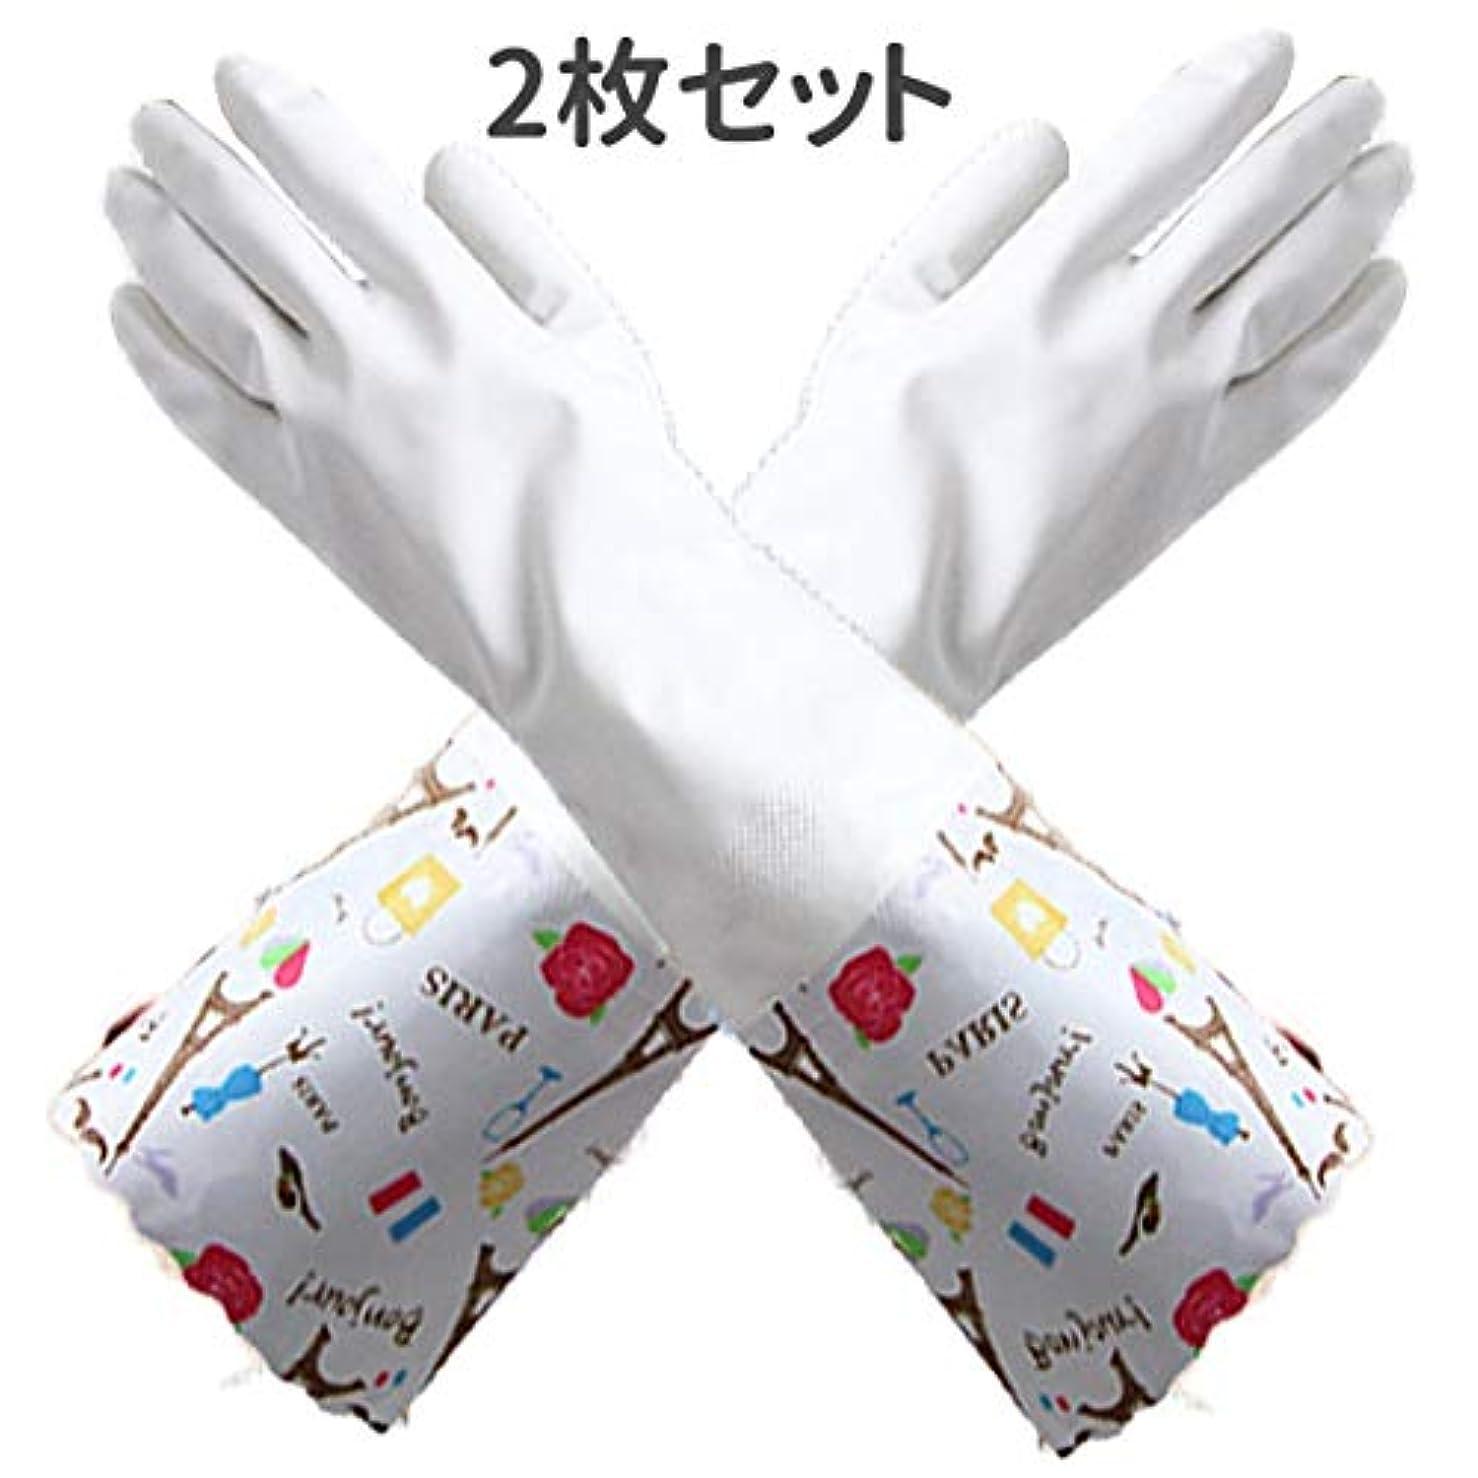 リール全体にラッシュゴム手袋 左右2枚セット 洗い物 お風呂 車 掃除 介護 ペット のお世話 排水溝 や 作業 用 可愛い手袋 【LSU】 (ホワイト)